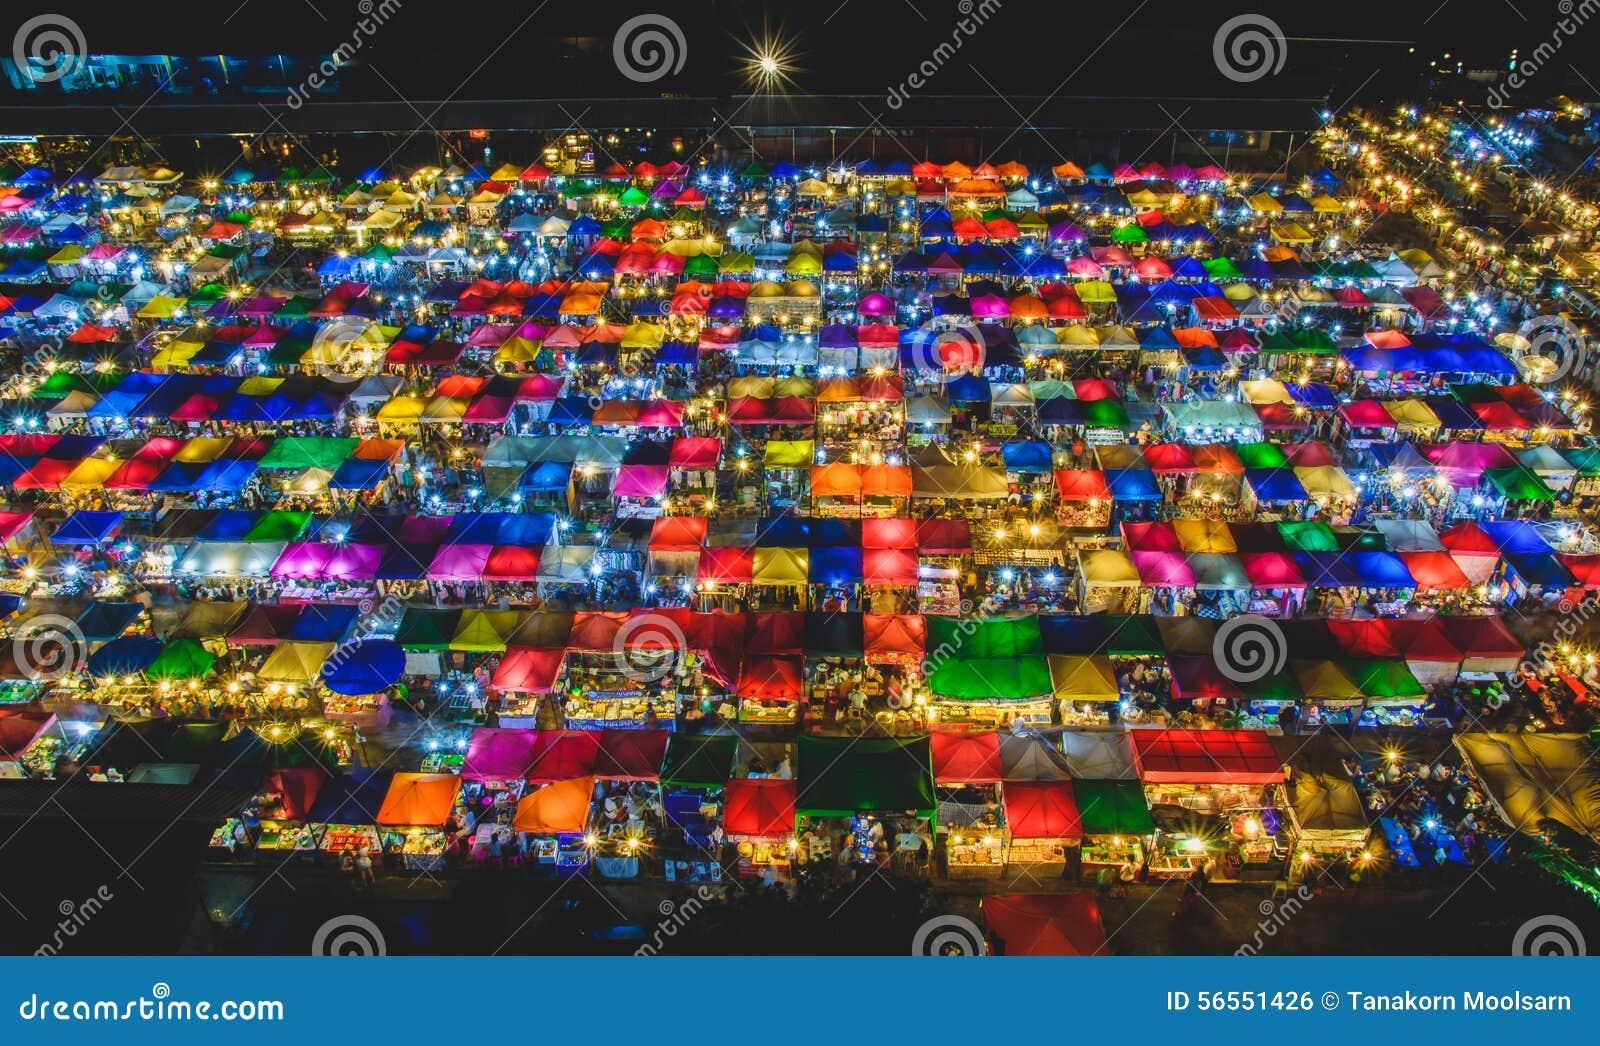 Download Αγορά νύχτας εκδοτική εικόνες. εικόνα από νύχτα, ζωηρόχρωμος - 56551426